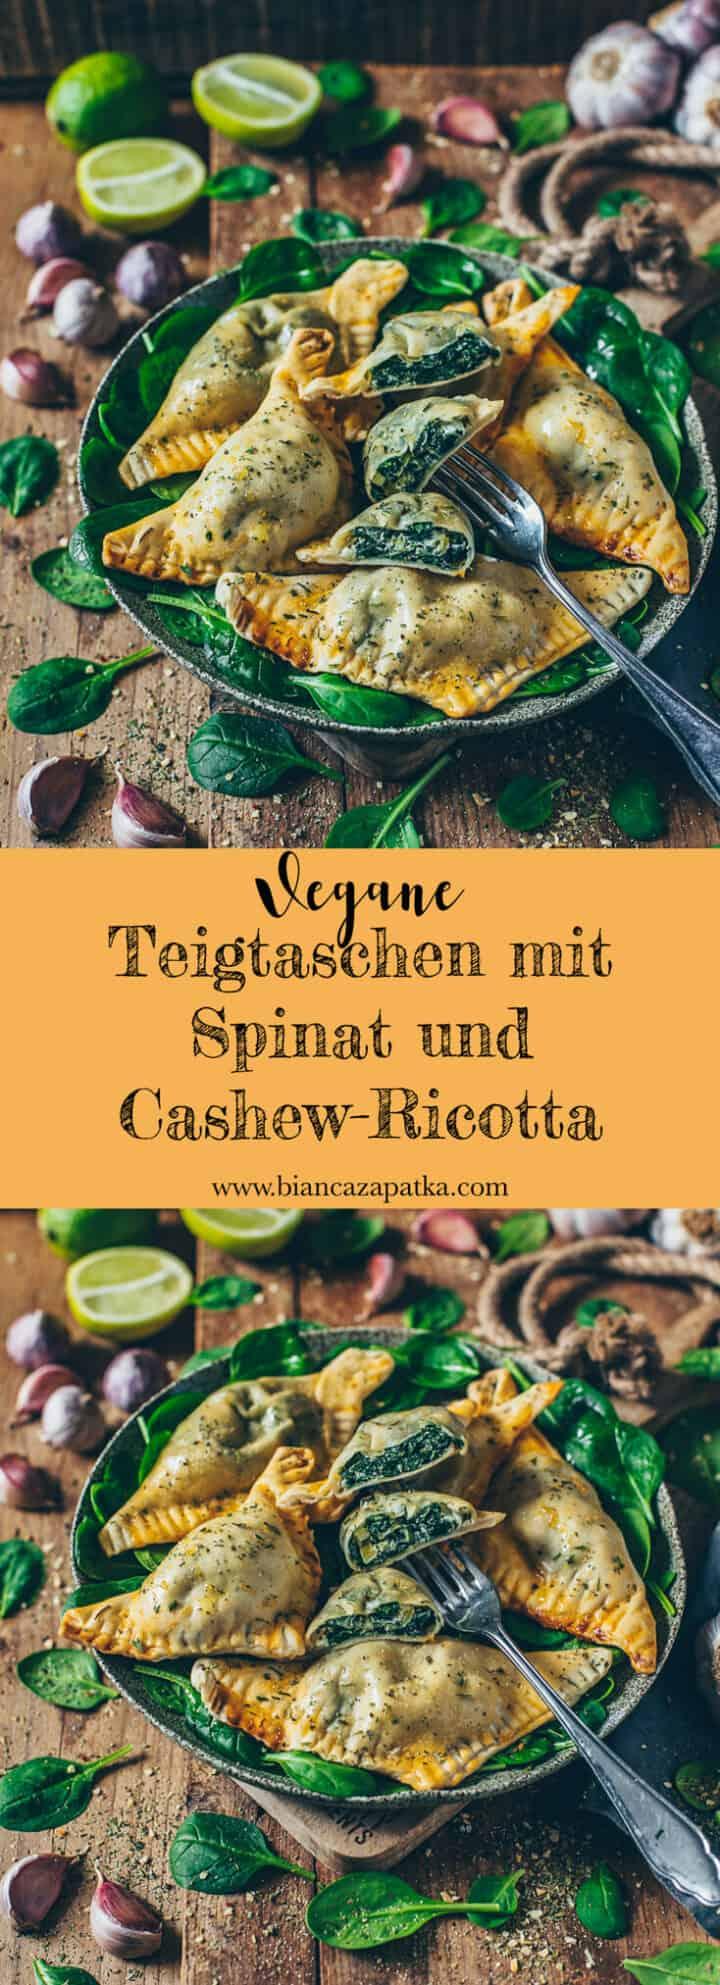 Ein köstliches Rezept für vegane Teigtaschen, gefüllt mit selbstgemachtem Cashew-Ricotta und Spinat. Sie schmecken warm und kalt super lecker und sind der perfekte Snack für jeden Anlass oder auch als Beilage immer passend.